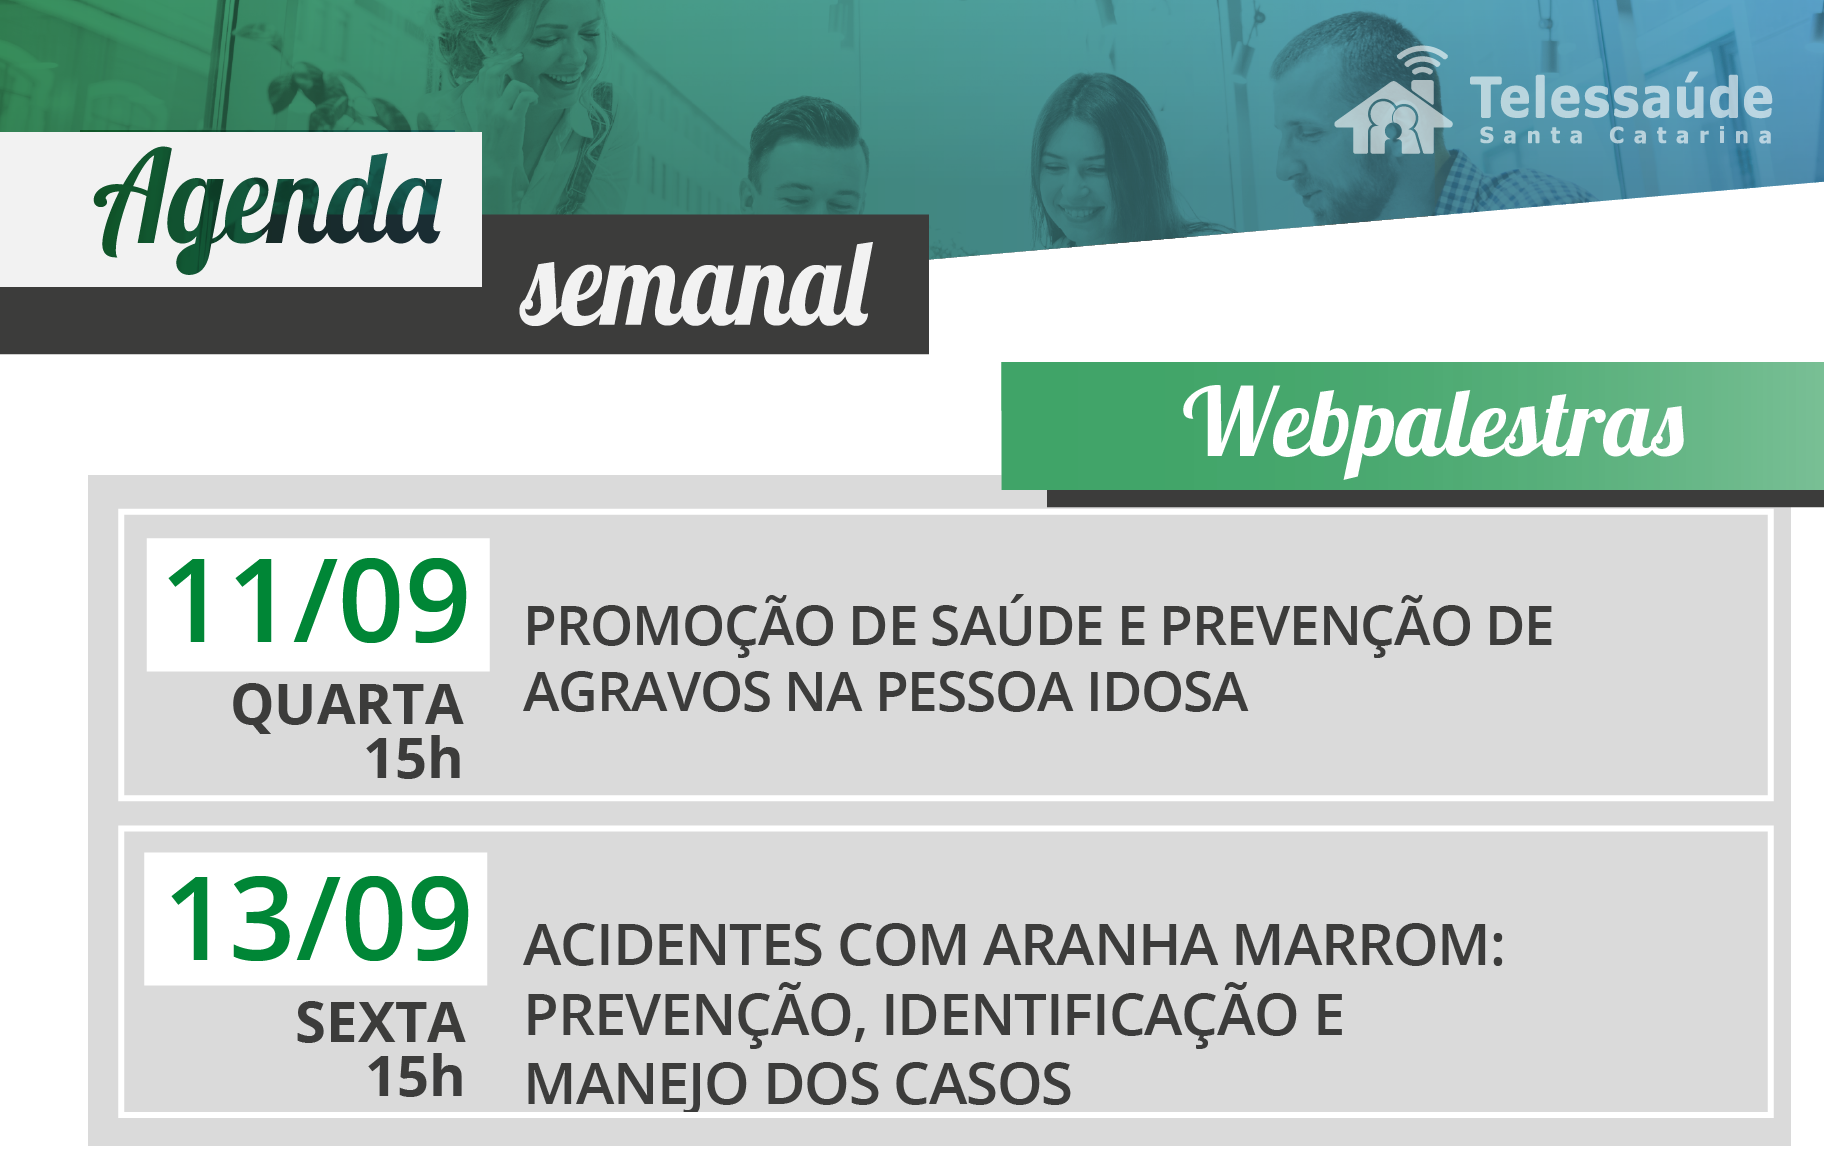 Semana2_WebpalestrasSetembro_14.08 - 16,08